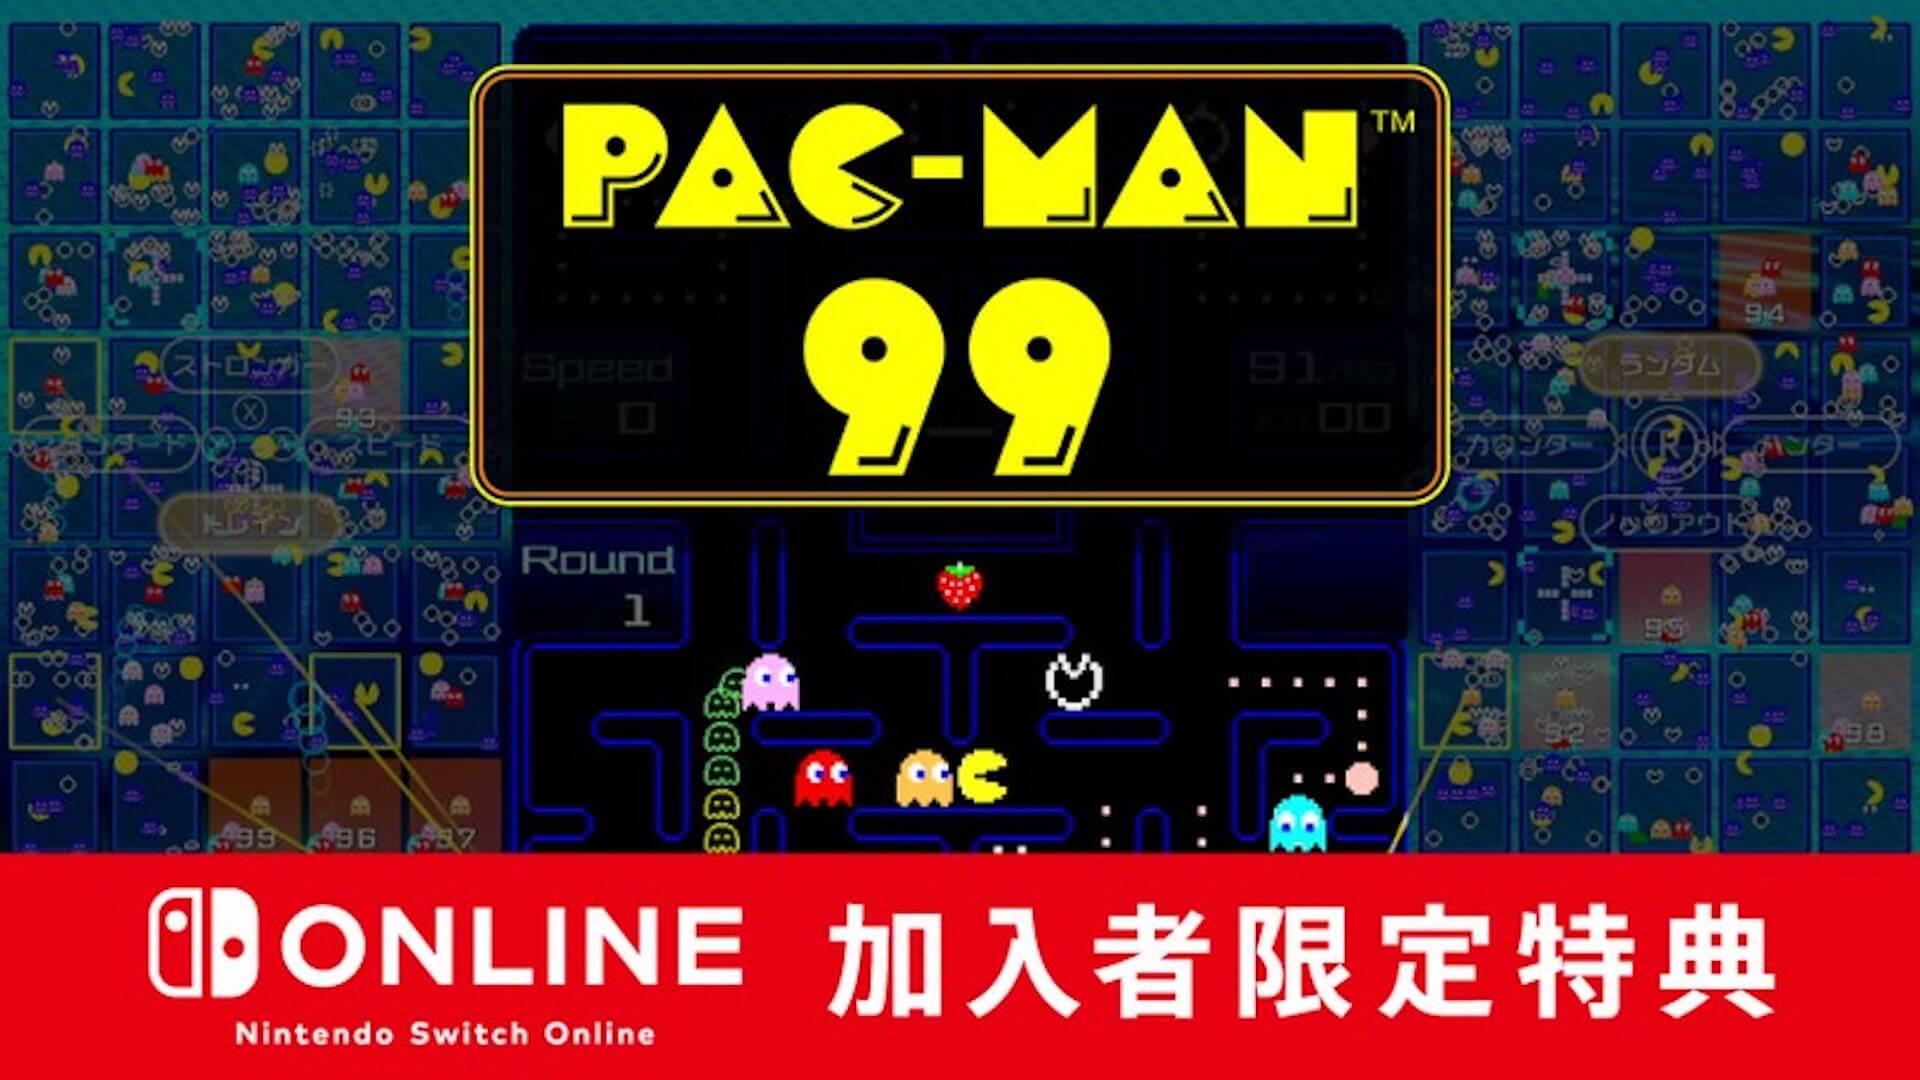 99人でパックマンバトルロイヤル!?『PAC-MAN 99』がNintendo Switch Onlineで明日無料配信 tech210407_pacman99_main